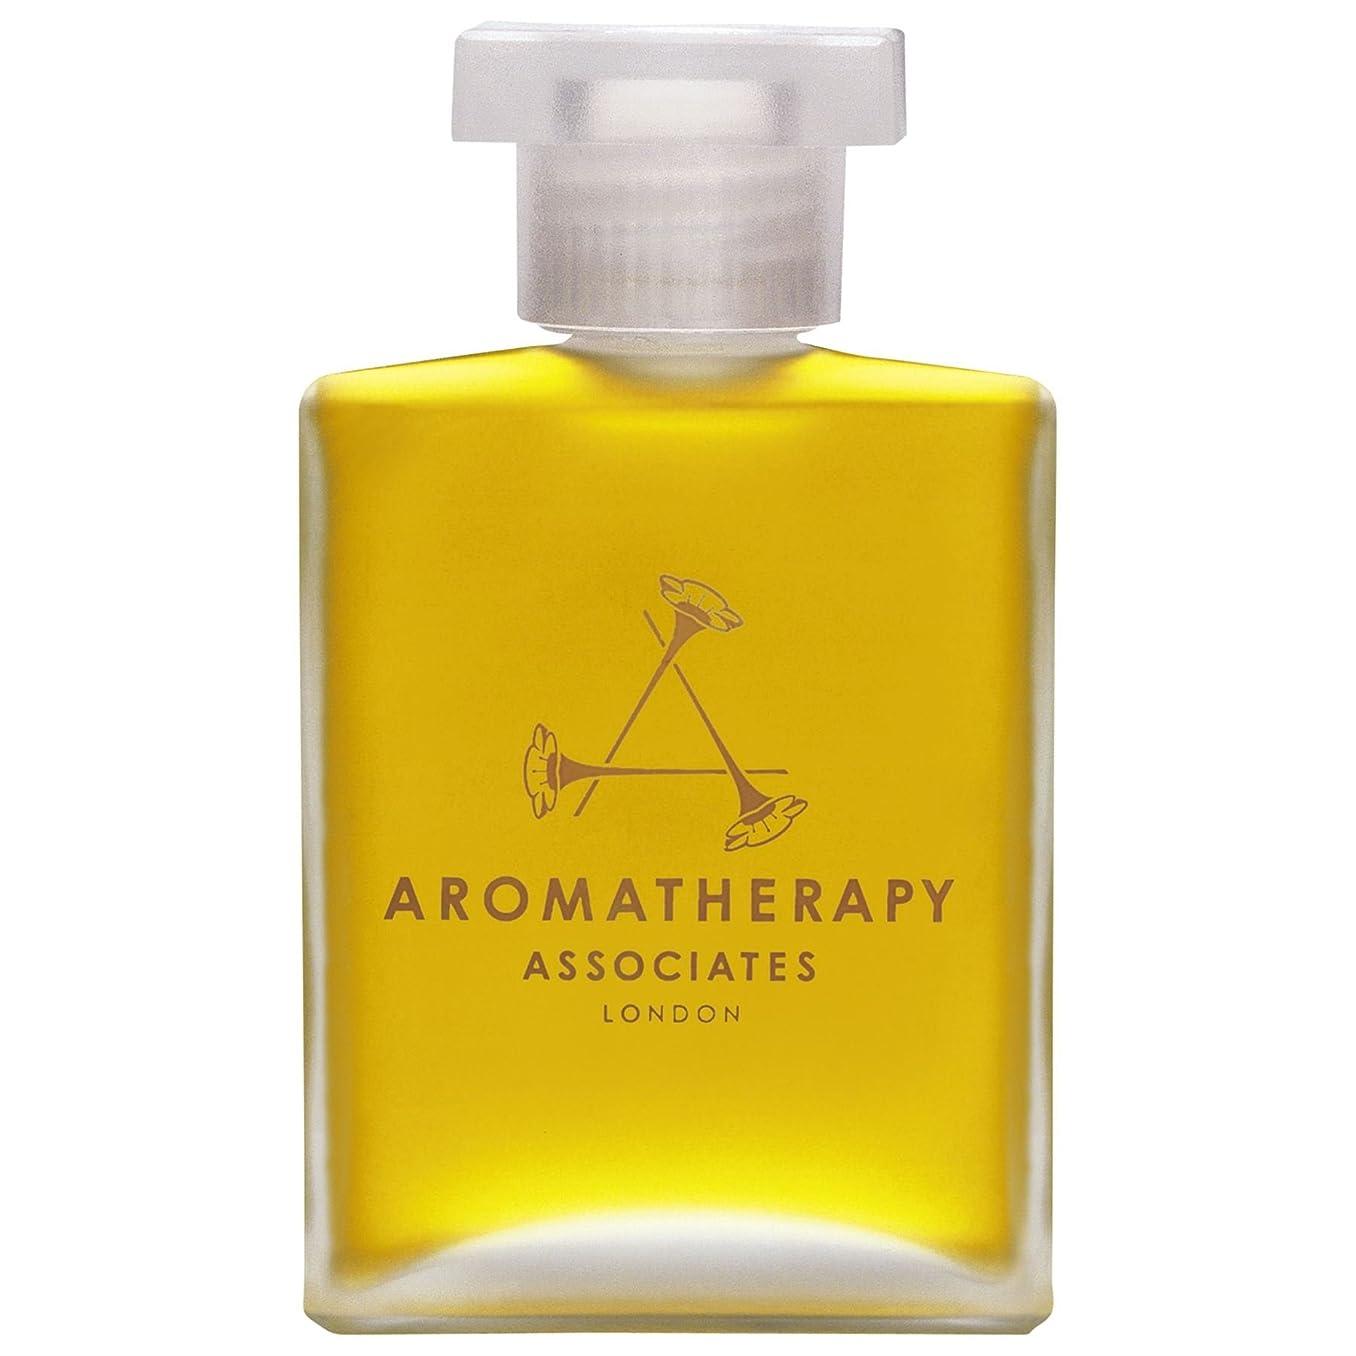 人類吹きさらしトリクル[Aromatherapy Associates ] アロマセラピーアソシエイツは、朝のお風呂とシャワーオイル55ミリリットルを復活させます - Aromatherapy Associates Revive Morning Bath and Shower Oil 55ml [並行輸入品]